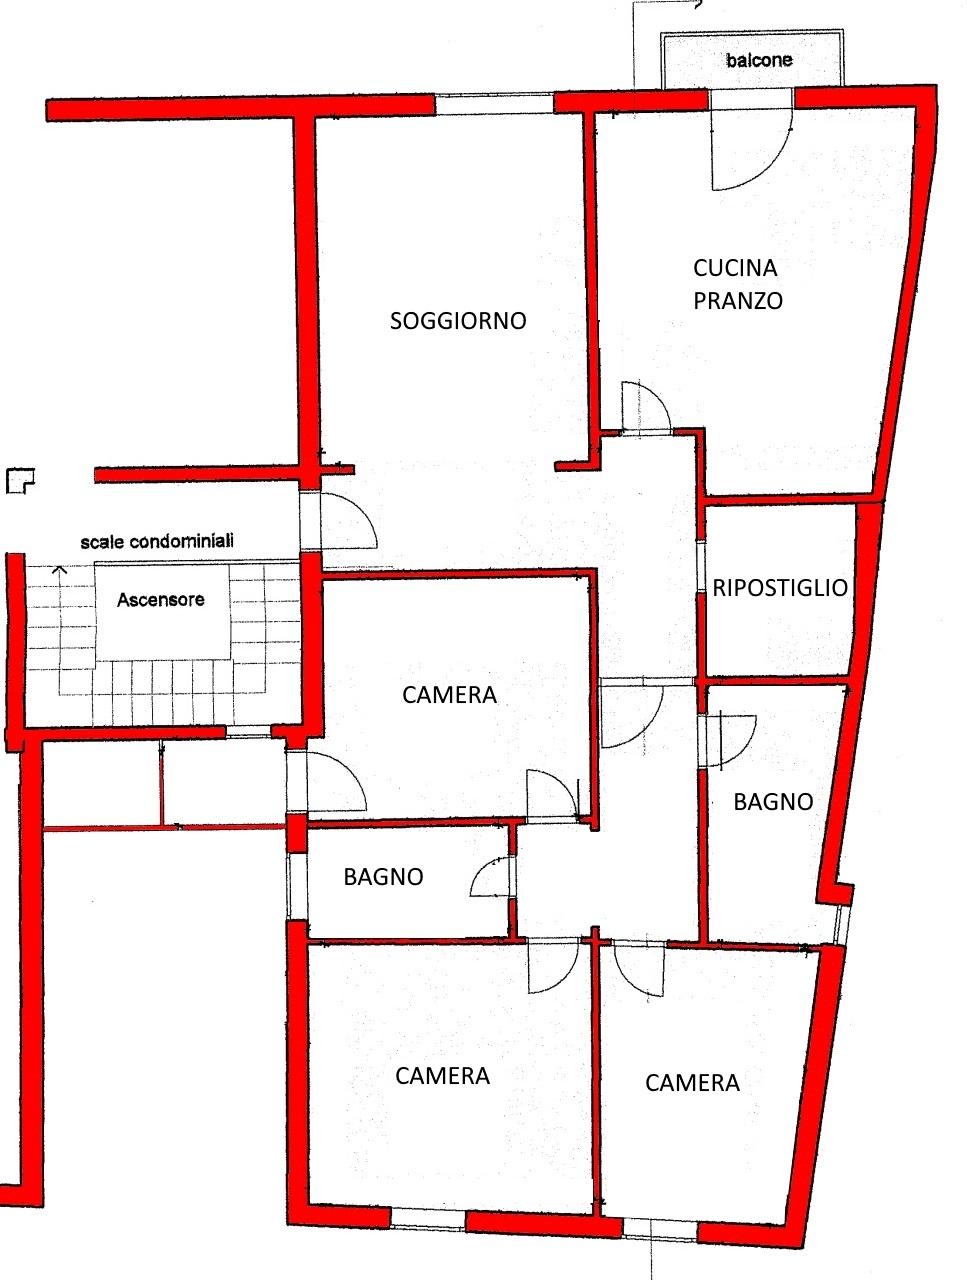 Appartamento in vendita, rif. 02175 (Planimetria 1/1)